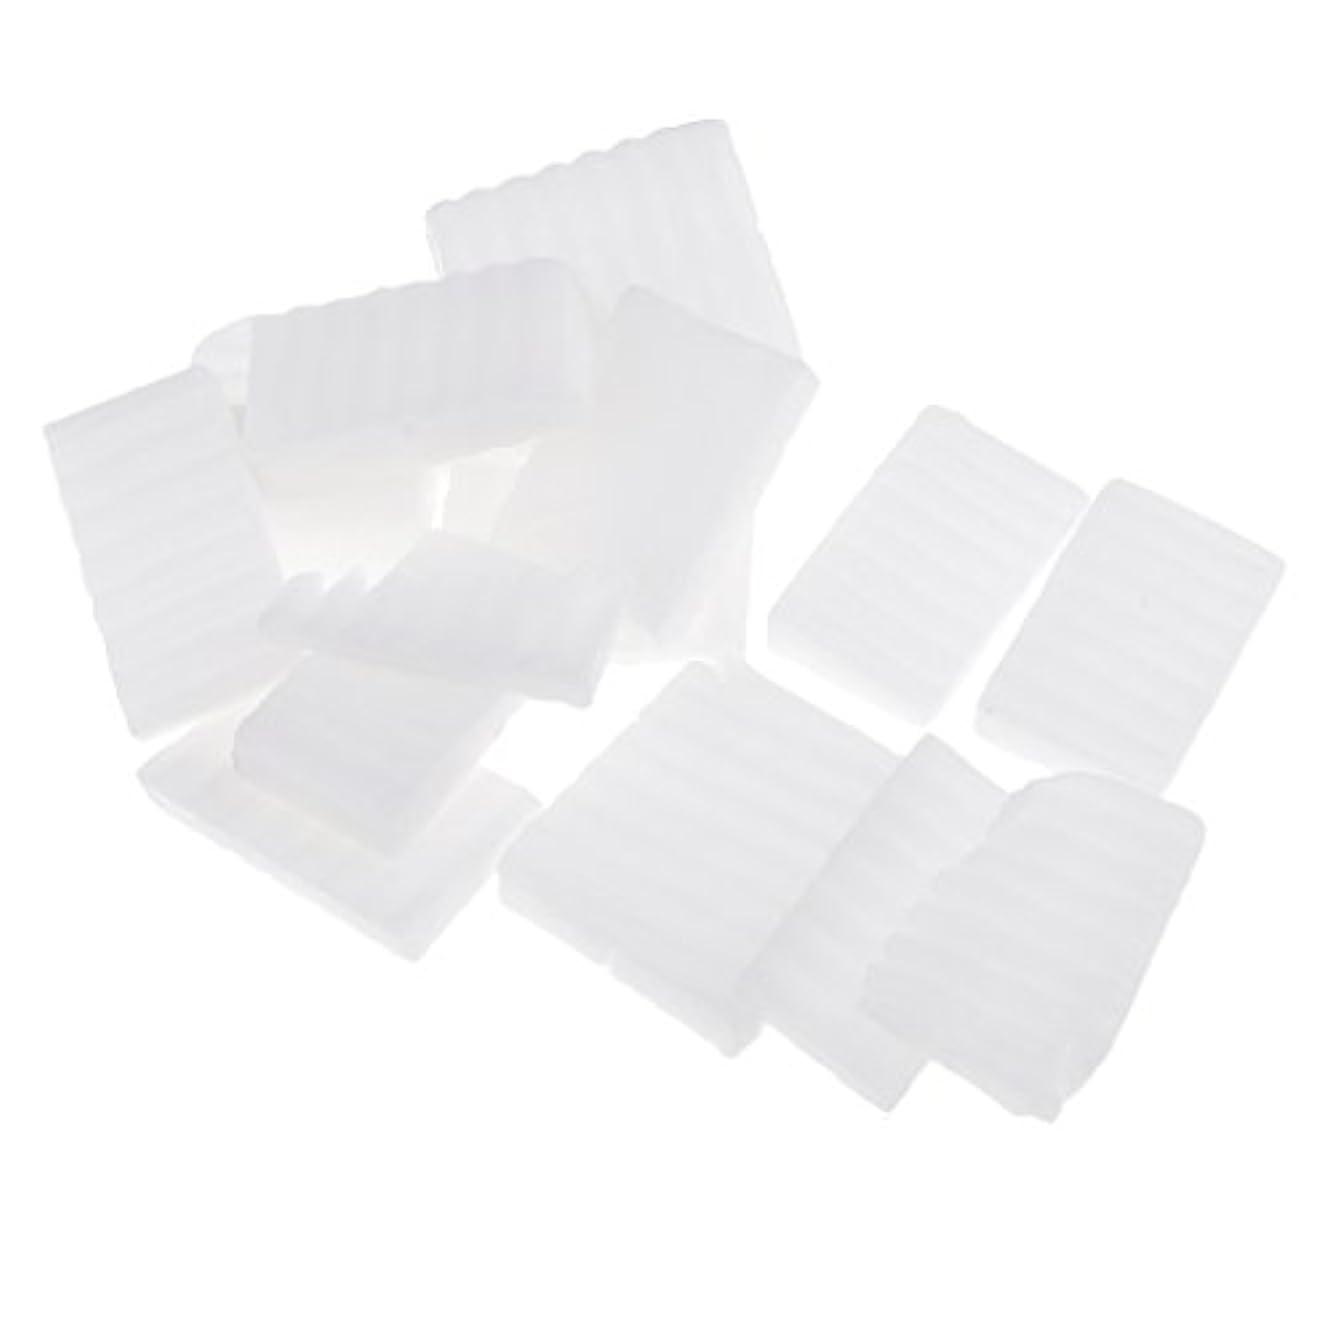 確率箱利得Perfk 白い 石鹸ベース DIY 手作り 石鹸 材料 約500g 手作り 石鹸のため